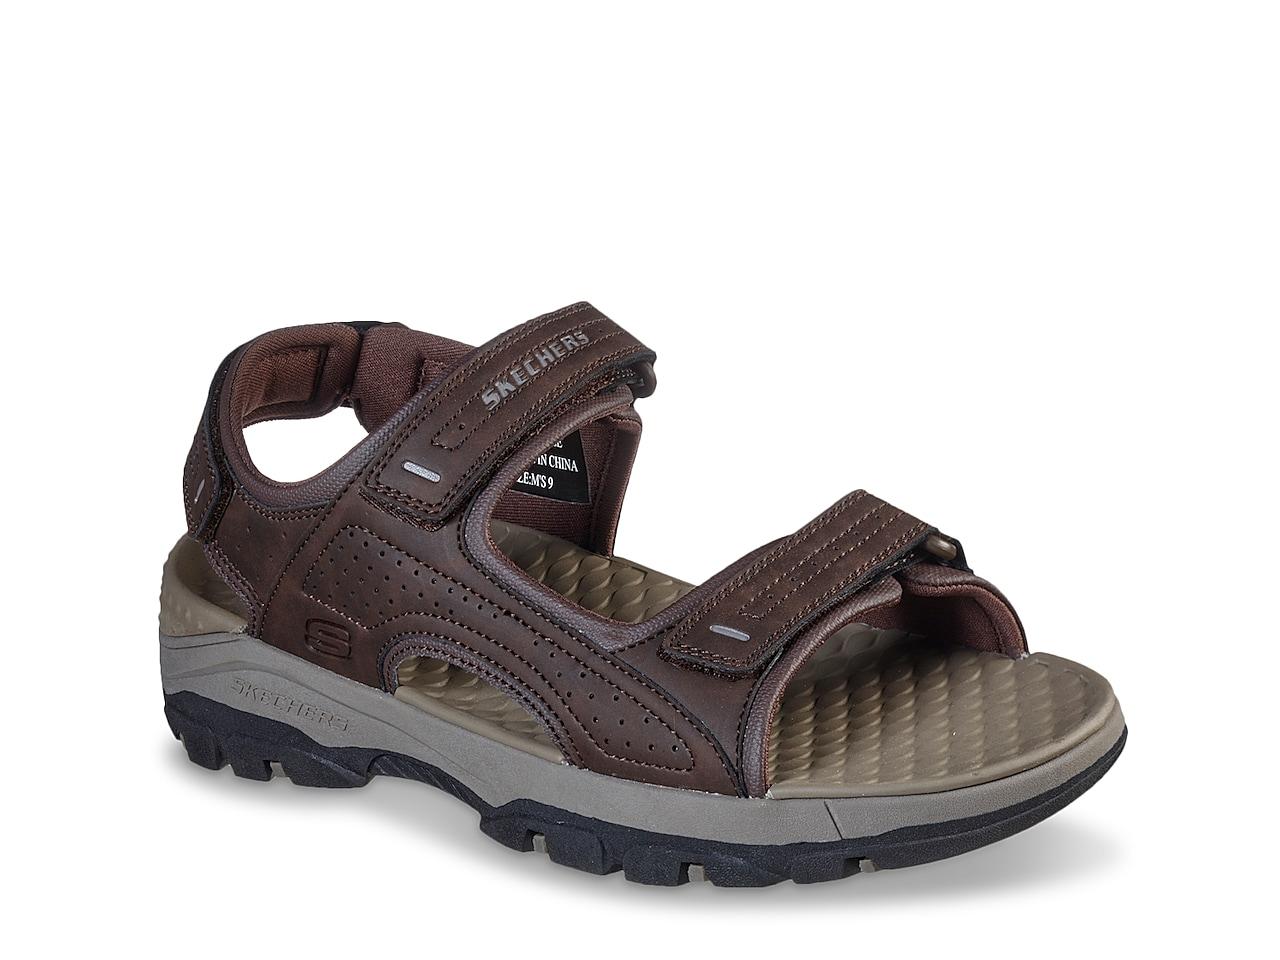 Skechers Relaxed Fit Tresmen-Garo Sandal